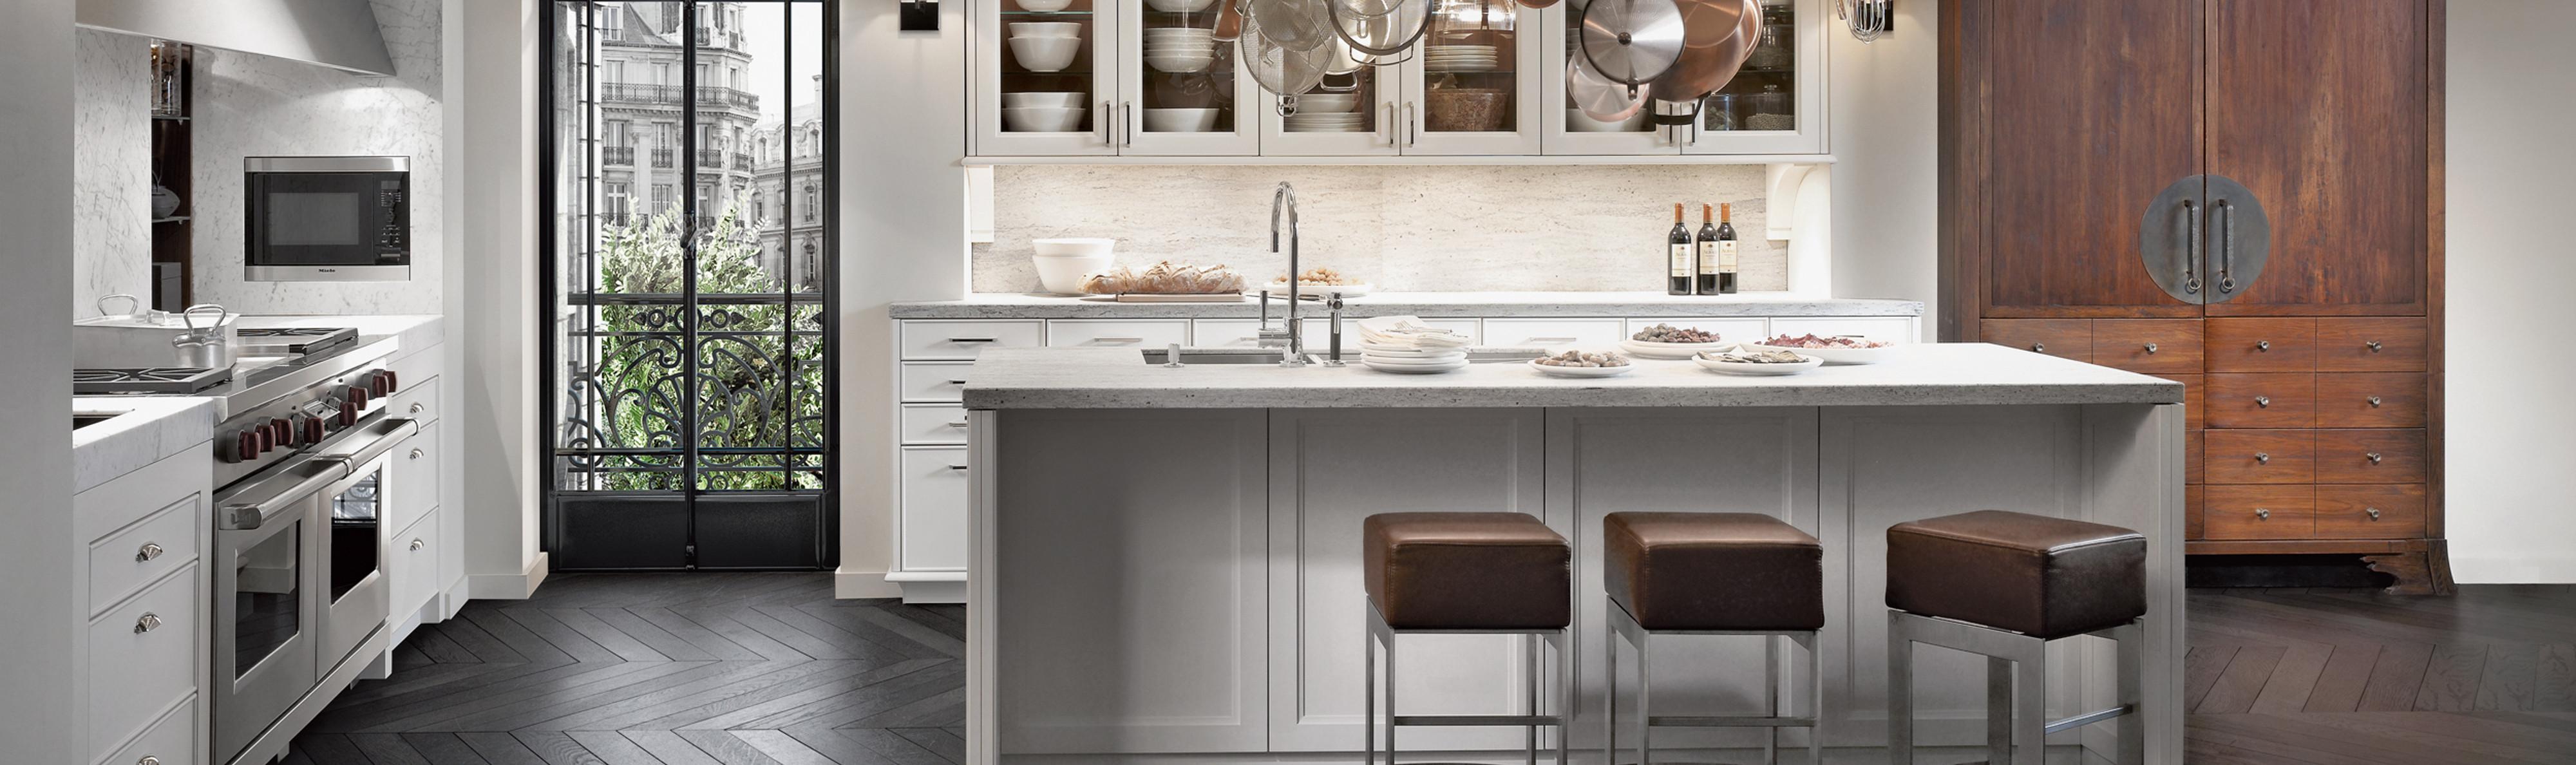 Nett Kreative Küche Design Ideen - Ideen Für Die Küche Dekoration ...